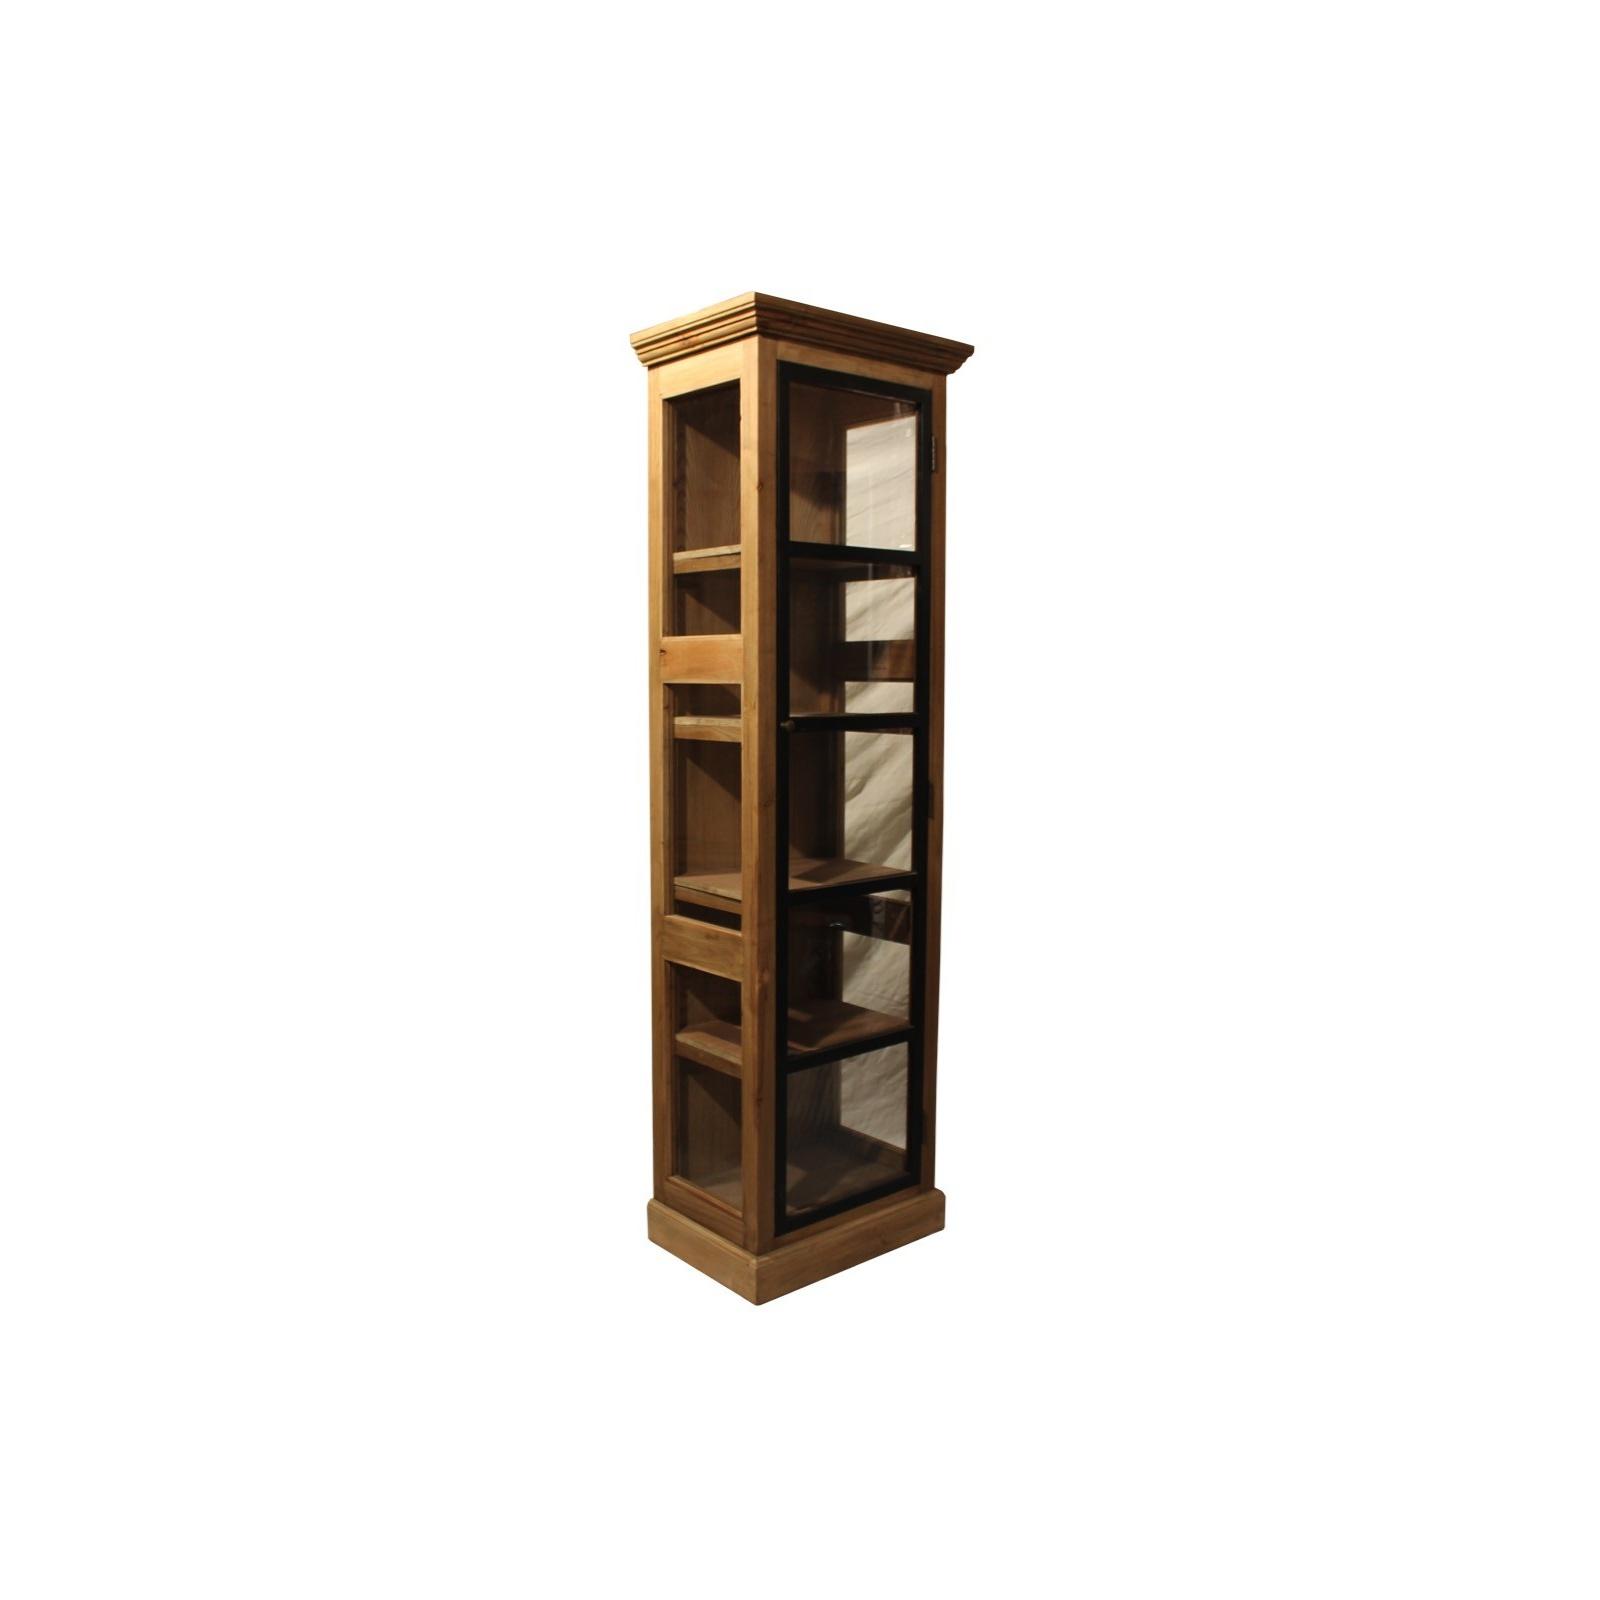 armoire une porte industrielle. Black Bedroom Furniture Sets. Home Design Ideas